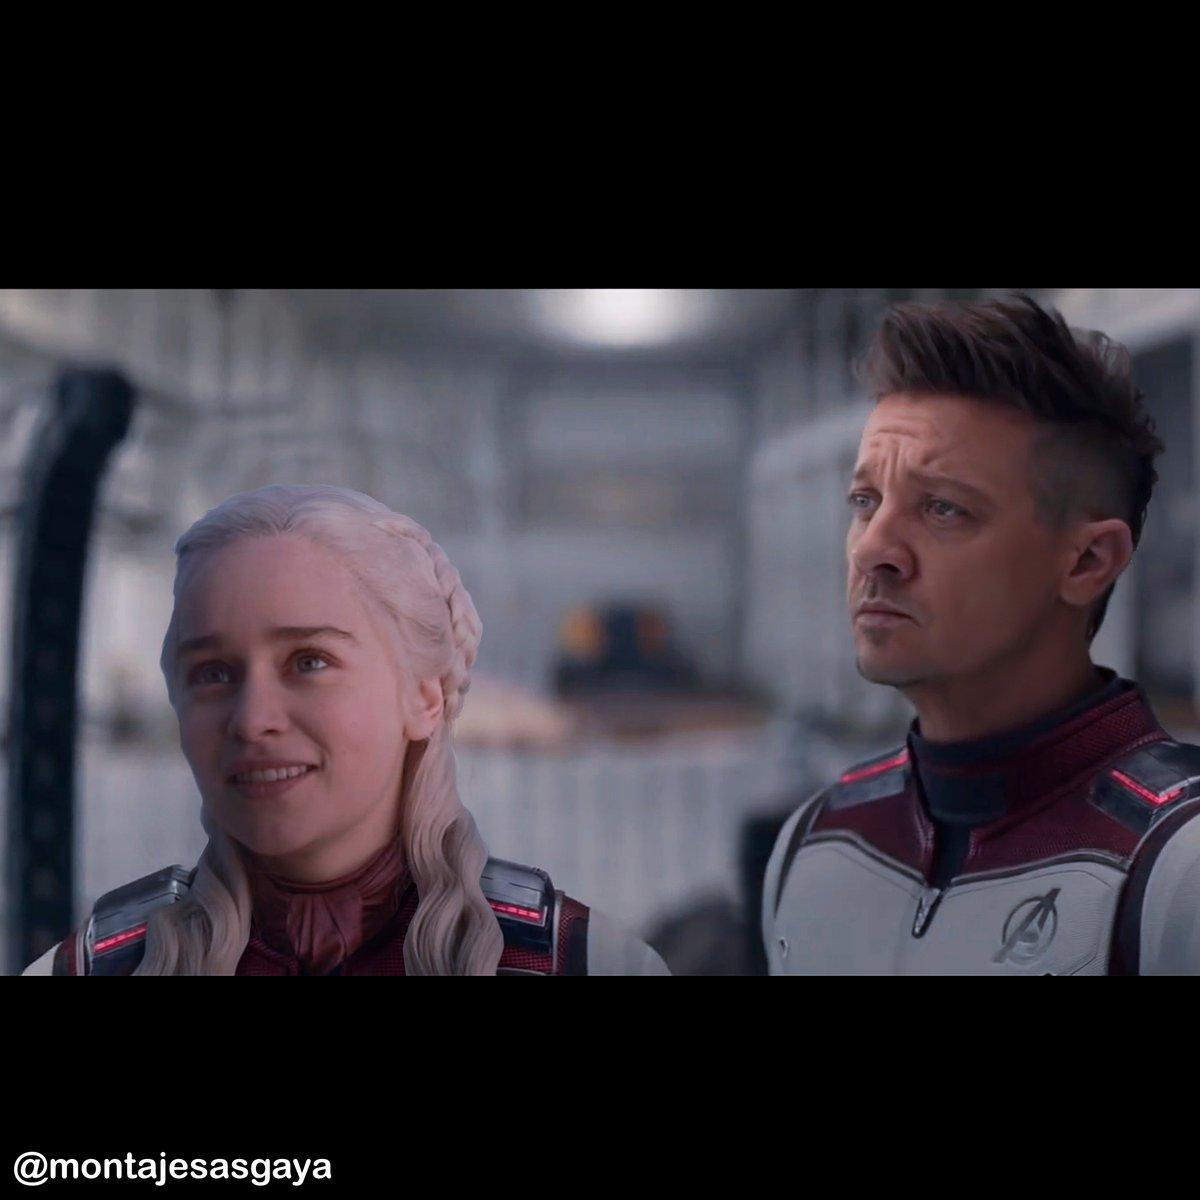 Daenerys joins the battle of the Avengers. @Avengers @MARVELSPAIN @GameOfThrones #AvengersEndgame #Avengers #EndGame @MarvelStudios #avengersendgame #Marvel @Russo_Brothers #Avengers4 @Avengers #Thanos #GameOfTrones